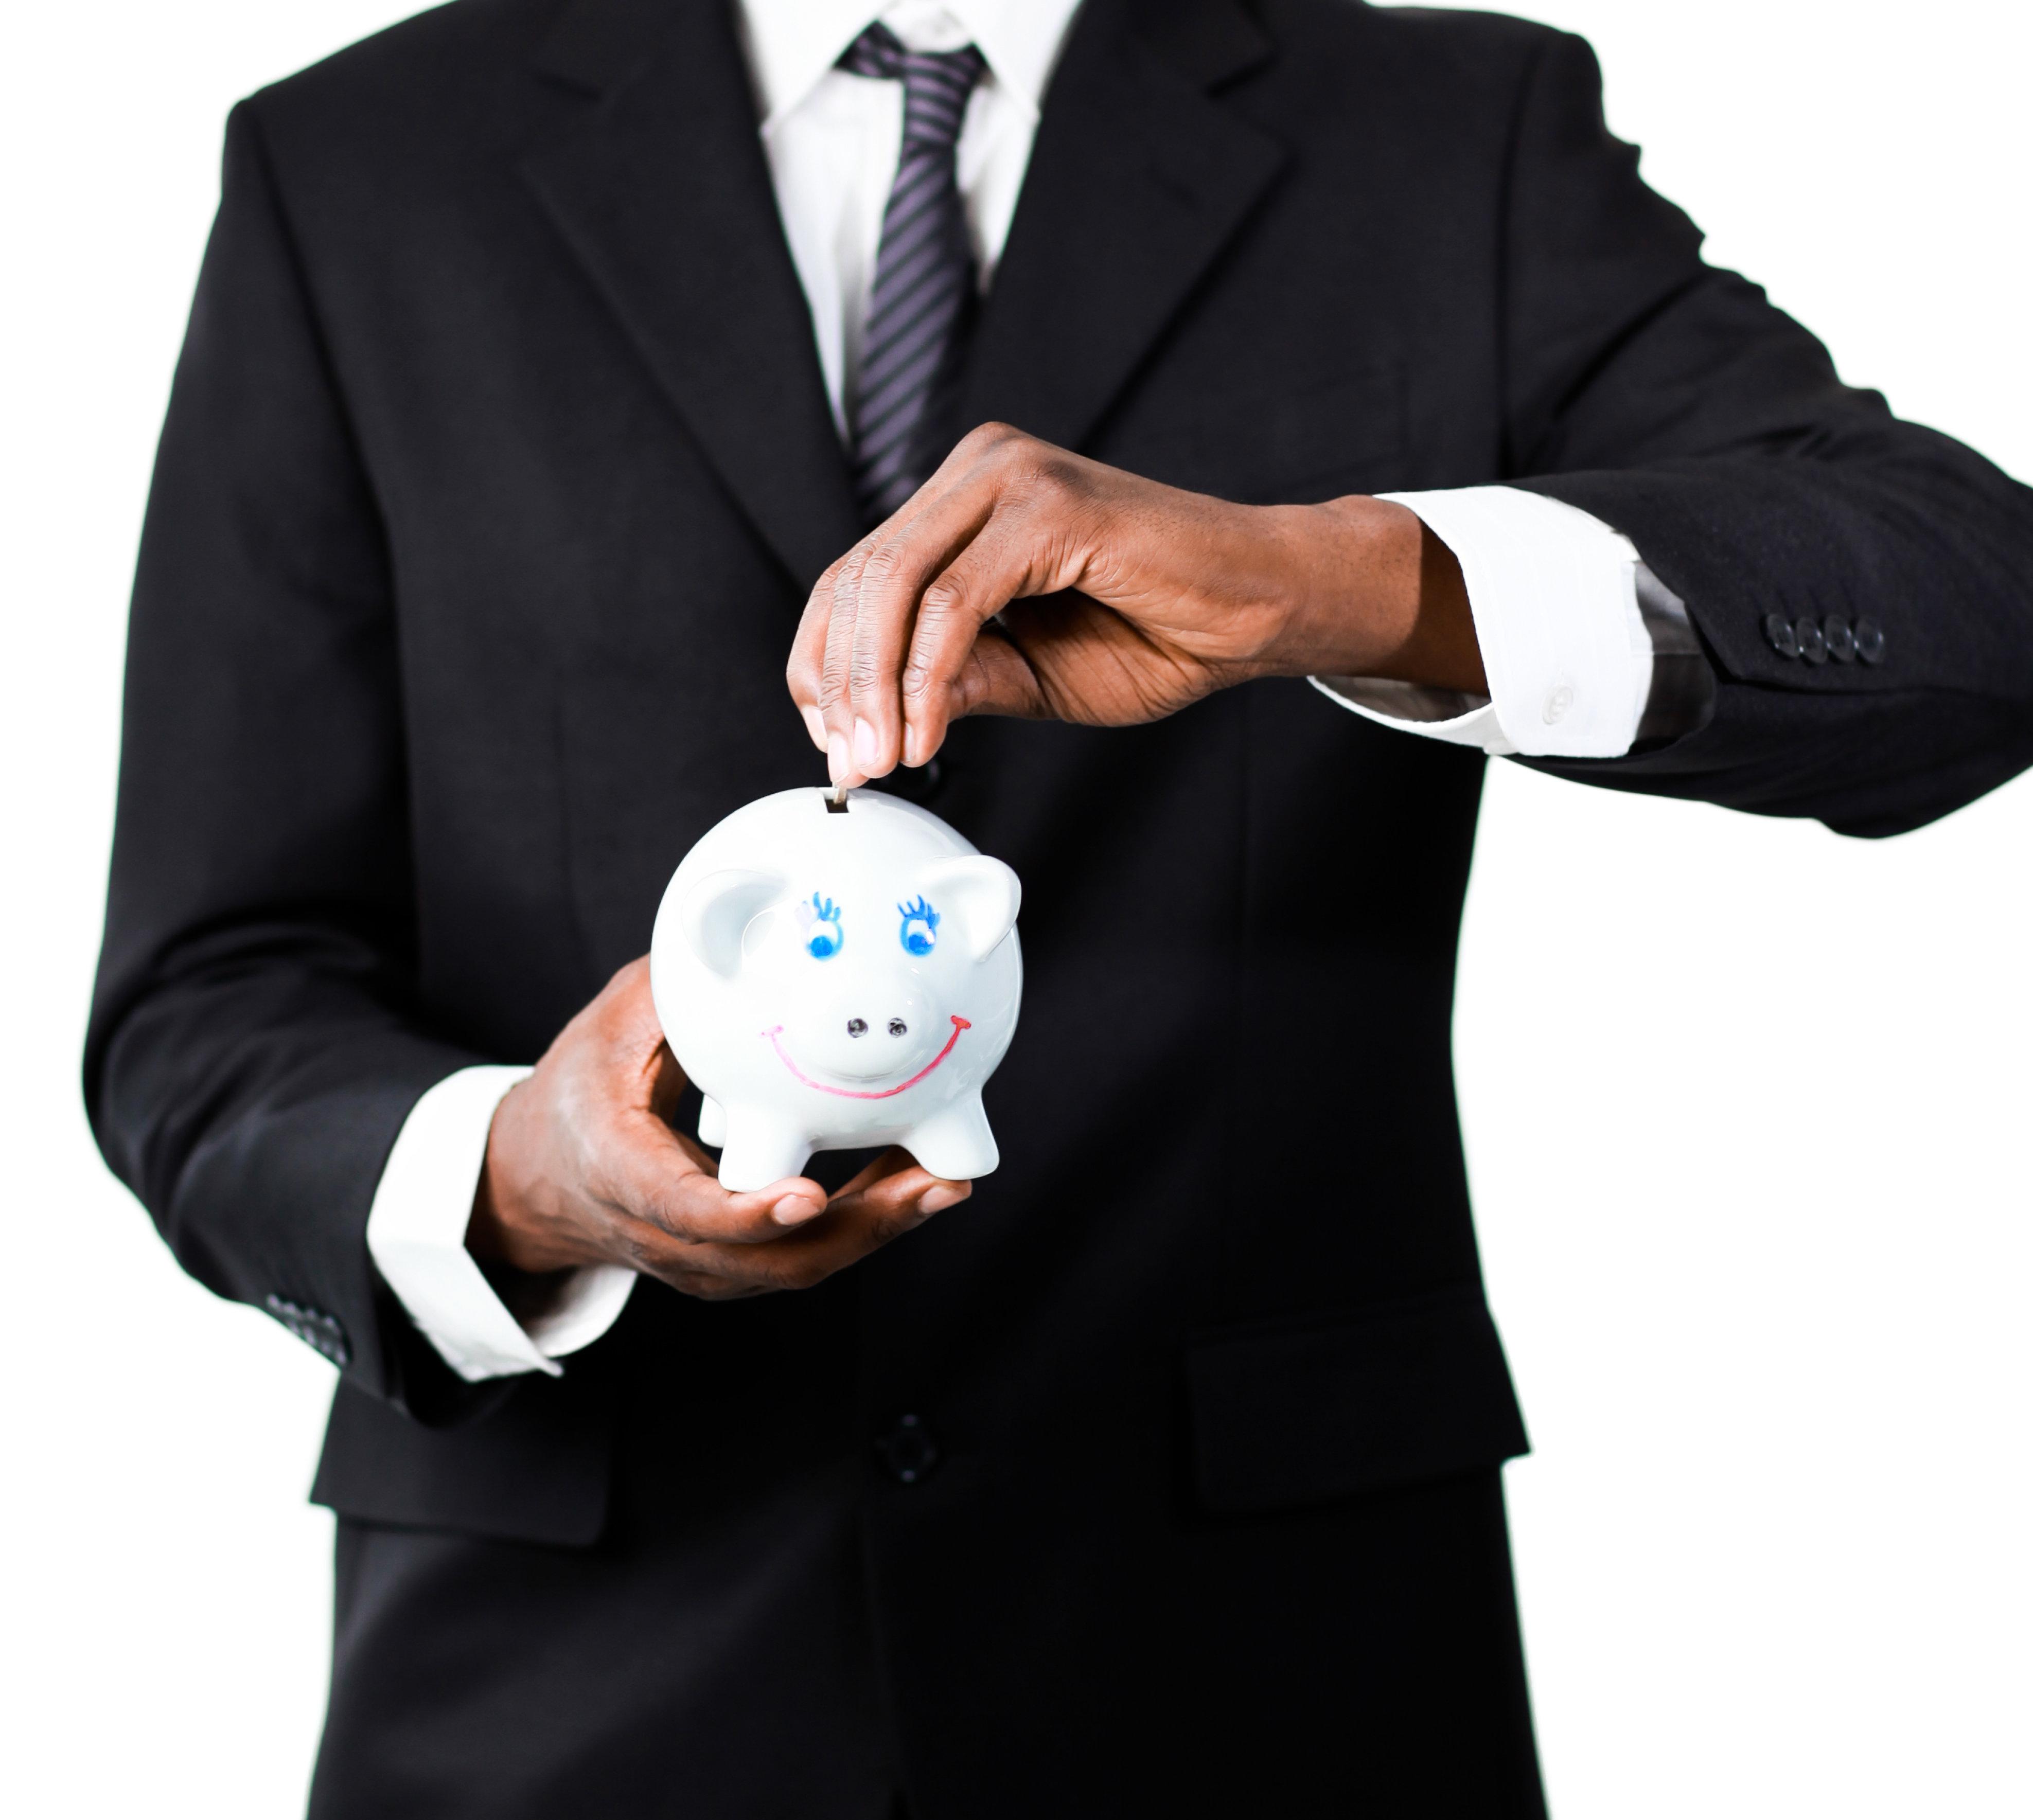 effektiv hantering av dokument kan spara pengar